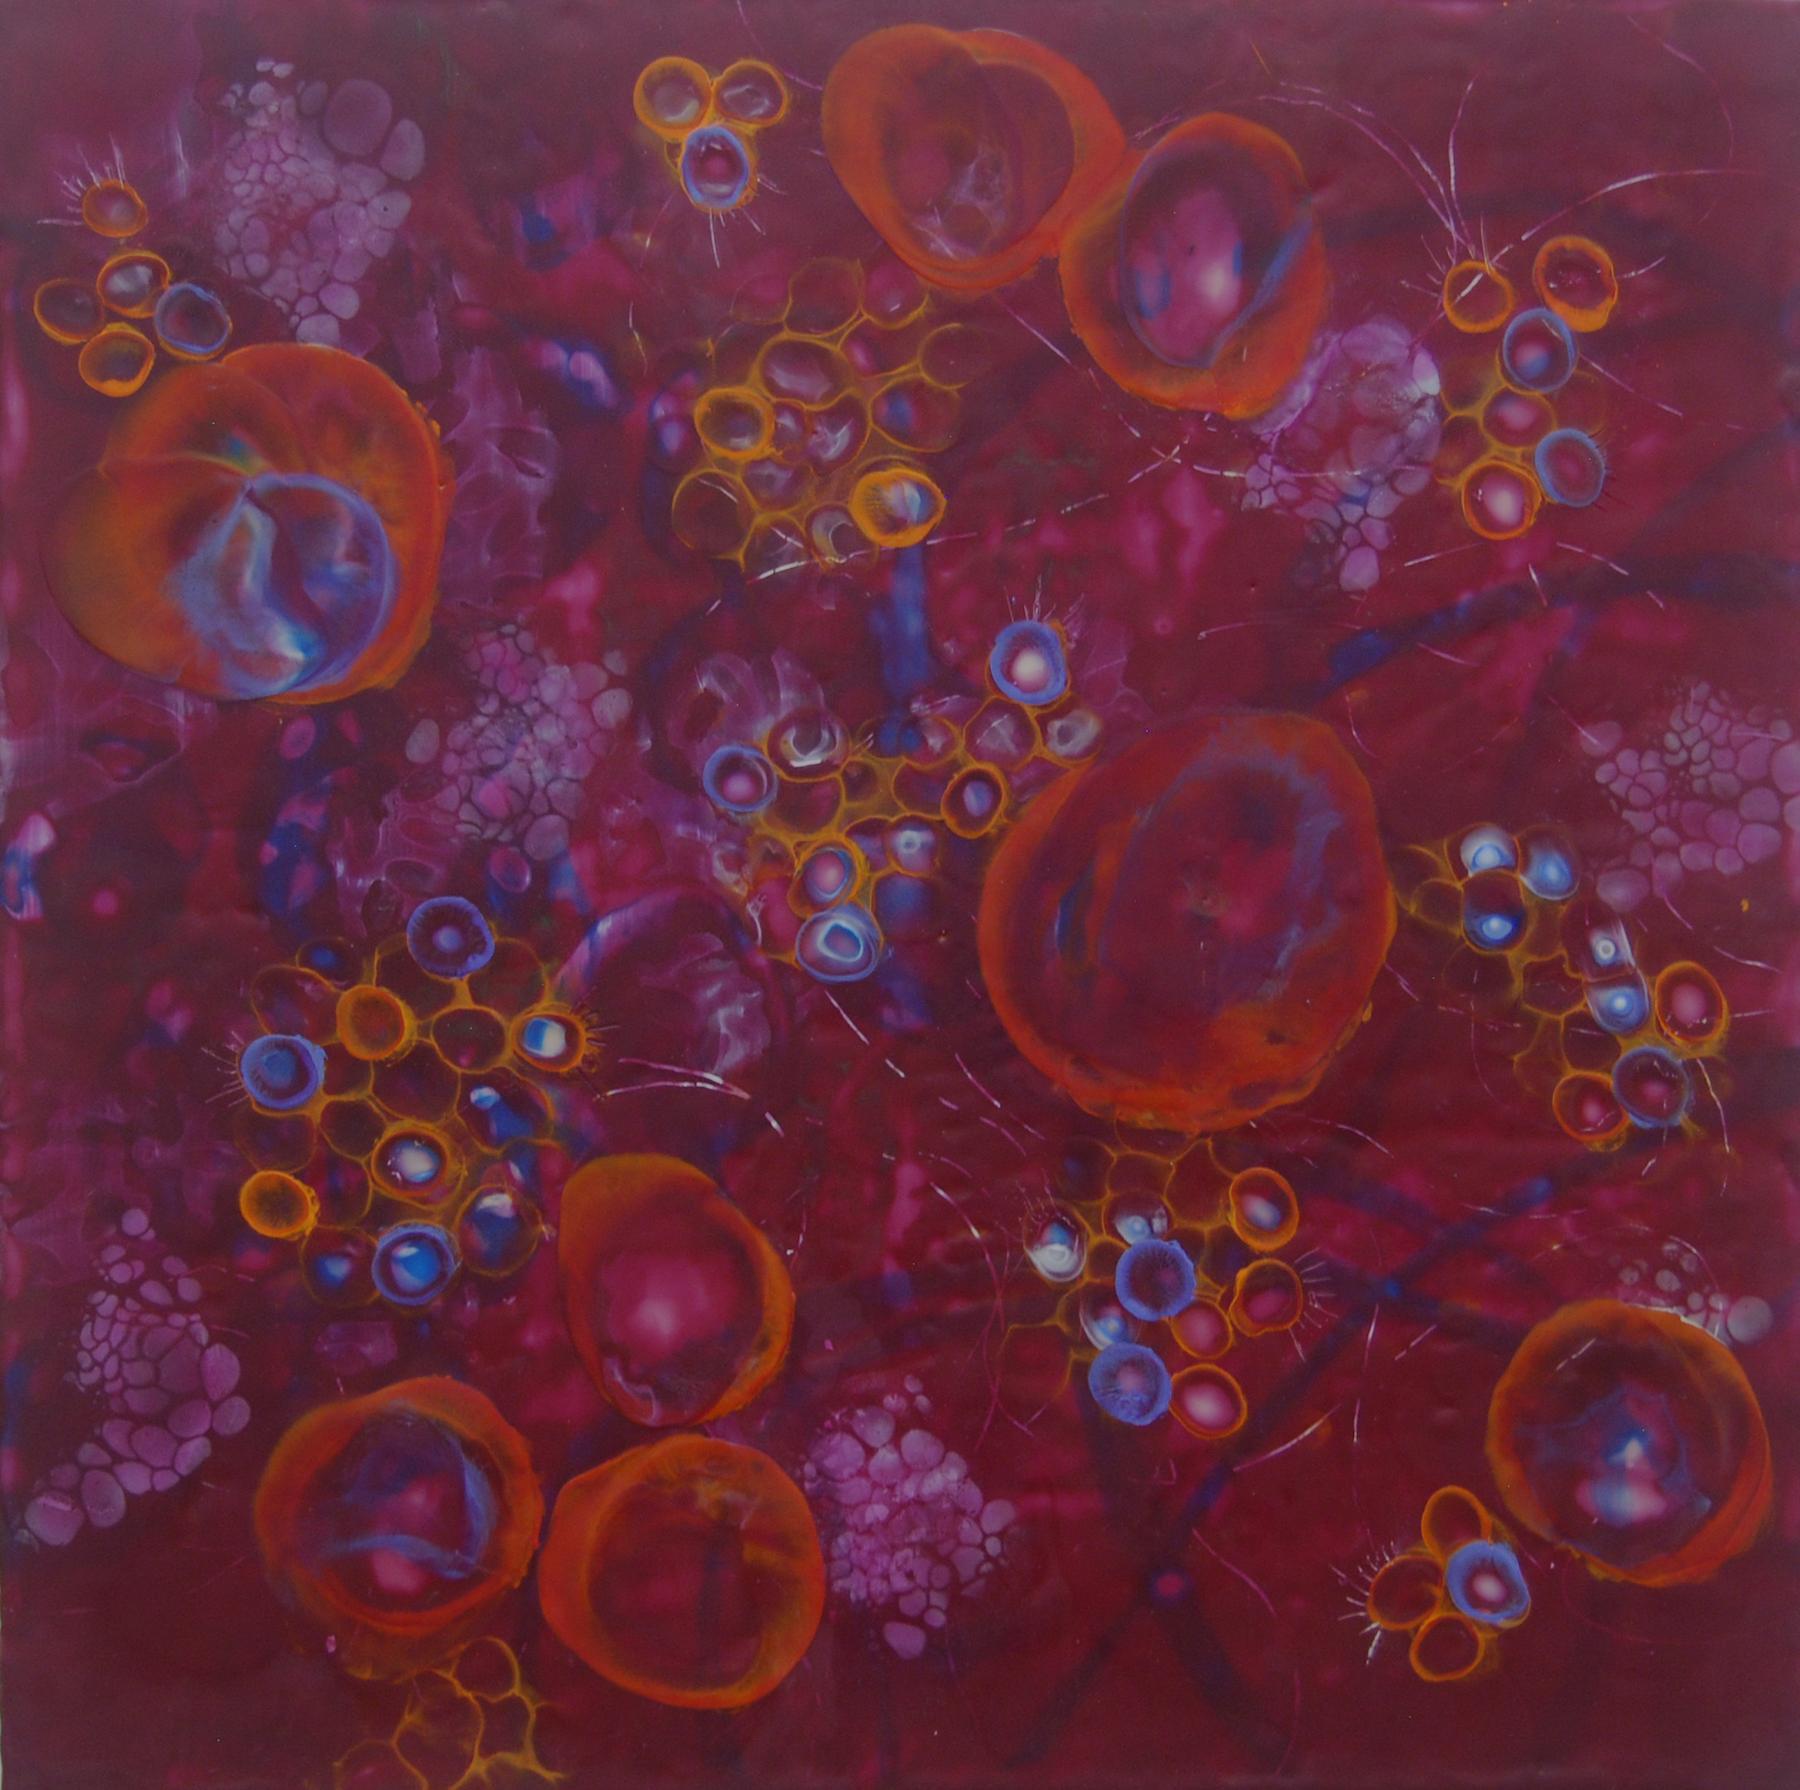 K. Hartung,  Bio Layers 1 , encaustic and mixed media, 24x24